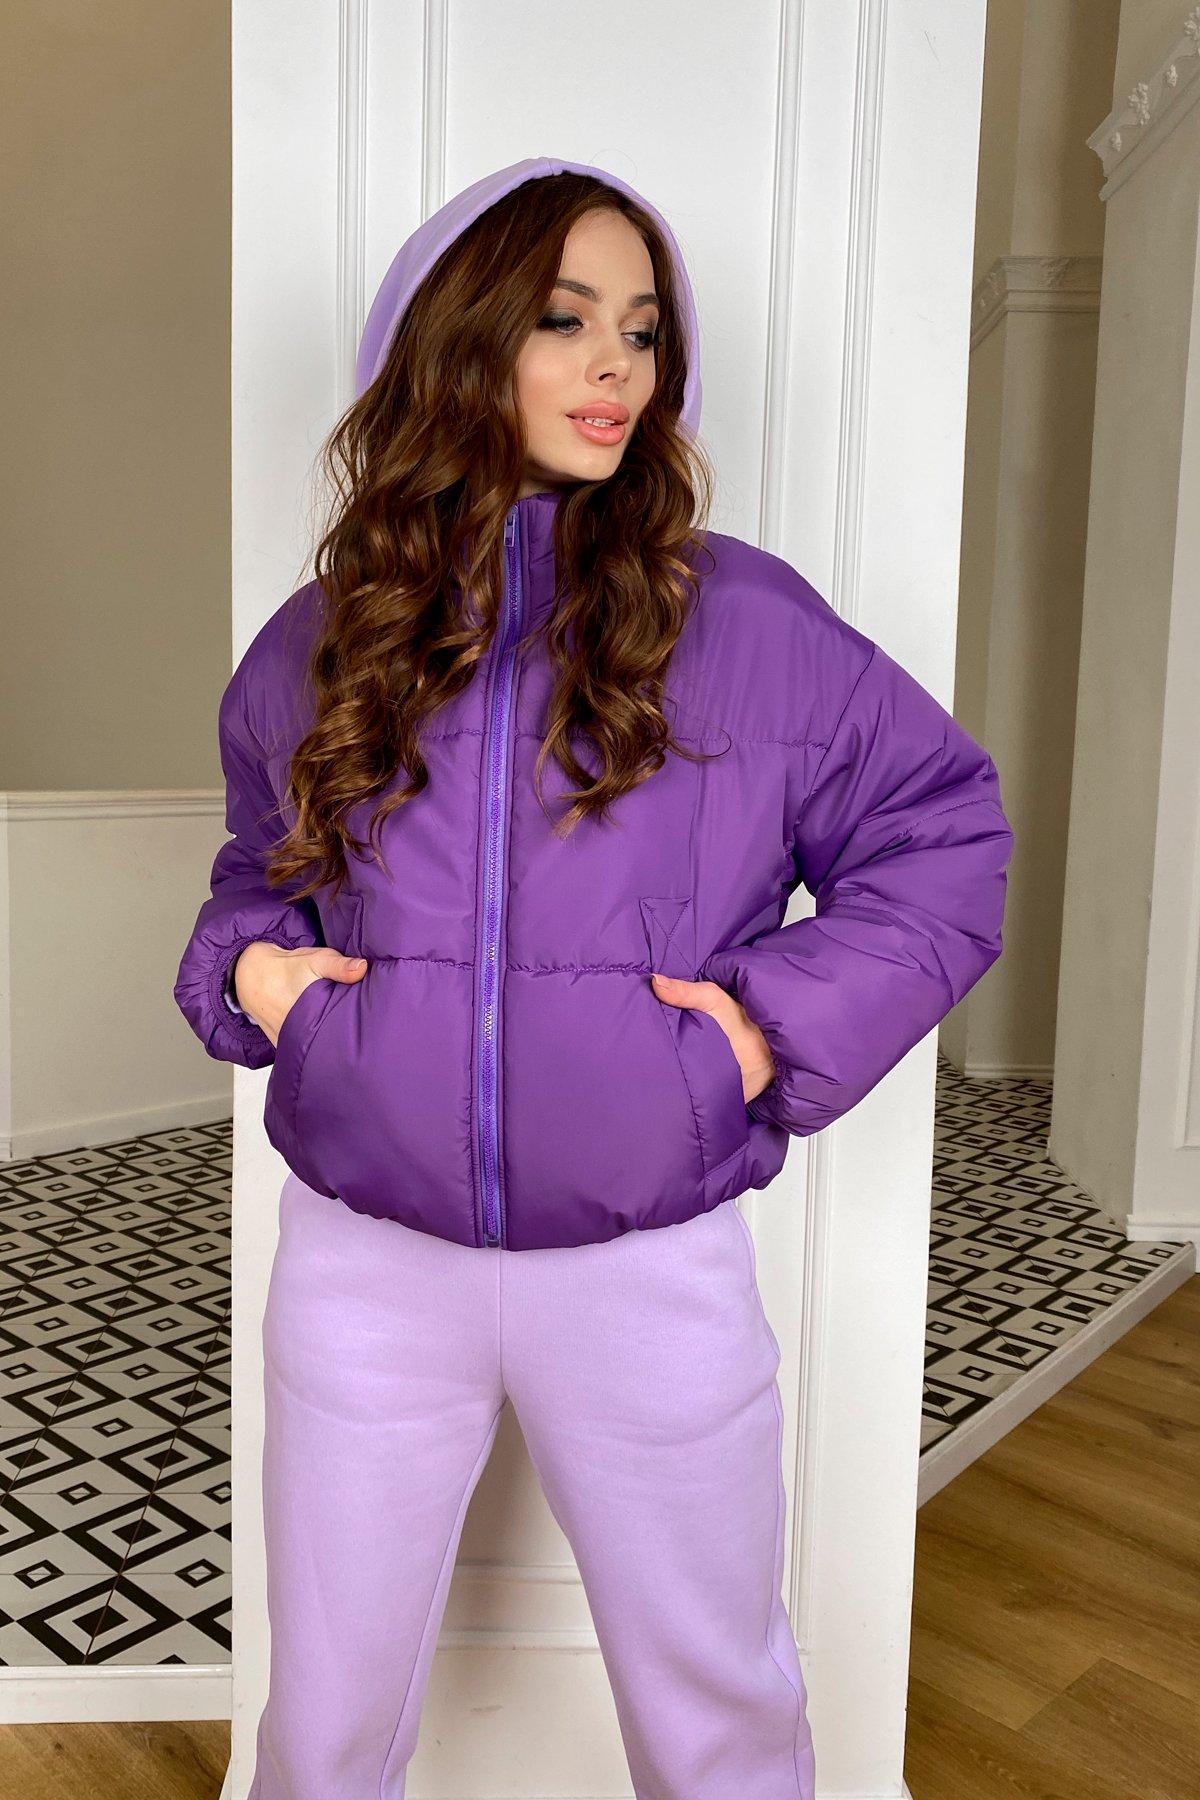 Драйв куртка из плащевой ткани 10448 АРТ. 46767 Цвет: Сиреневый 861 - фото 6, интернет магазин tm-modus.ru